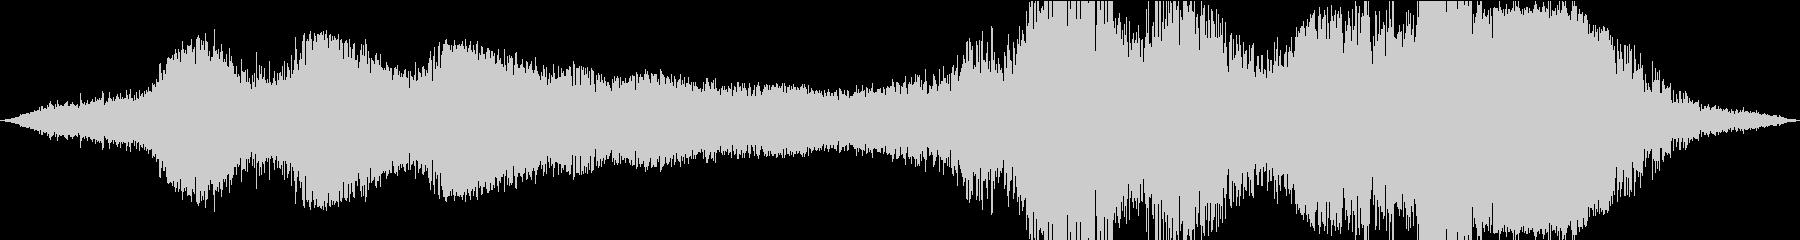 深みのある低音アクセント、SFの未再生の波形